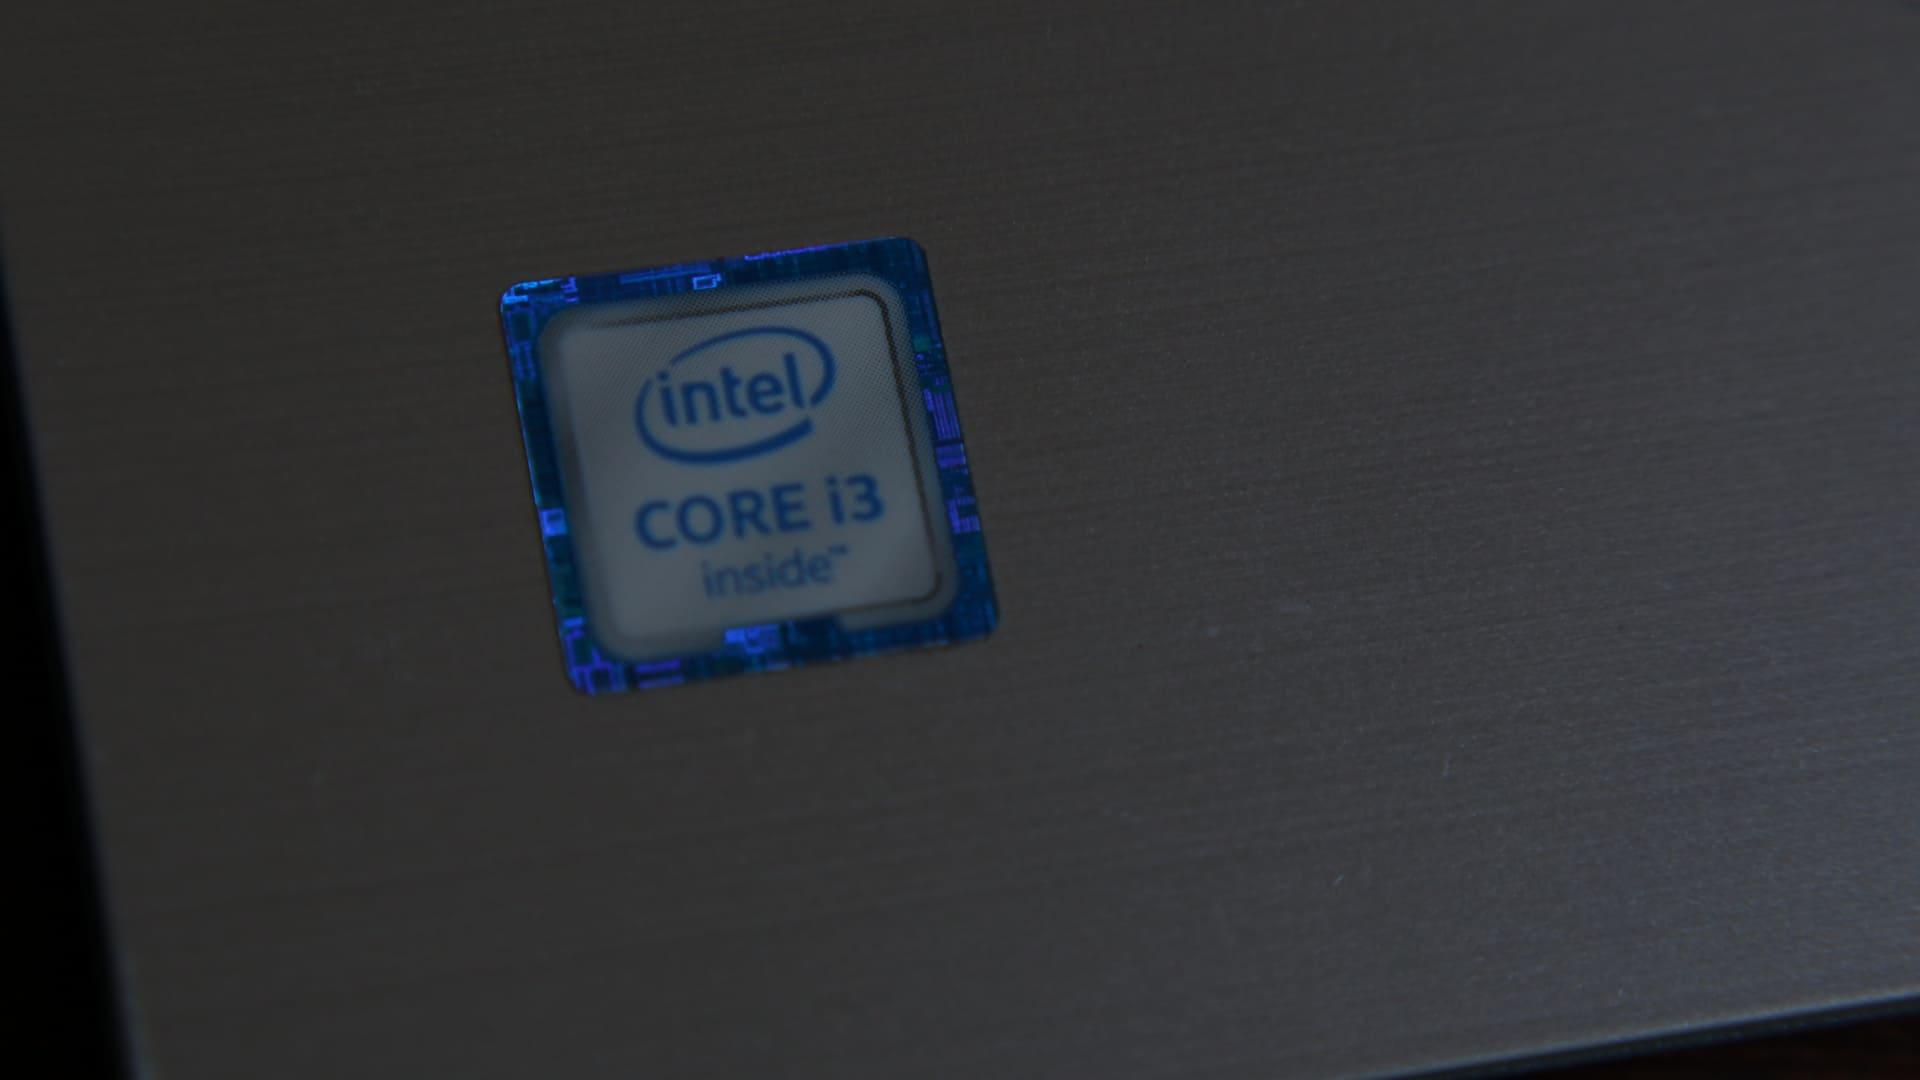 Etiqueta sinalizando o processador Intel Core i3 no notebook.